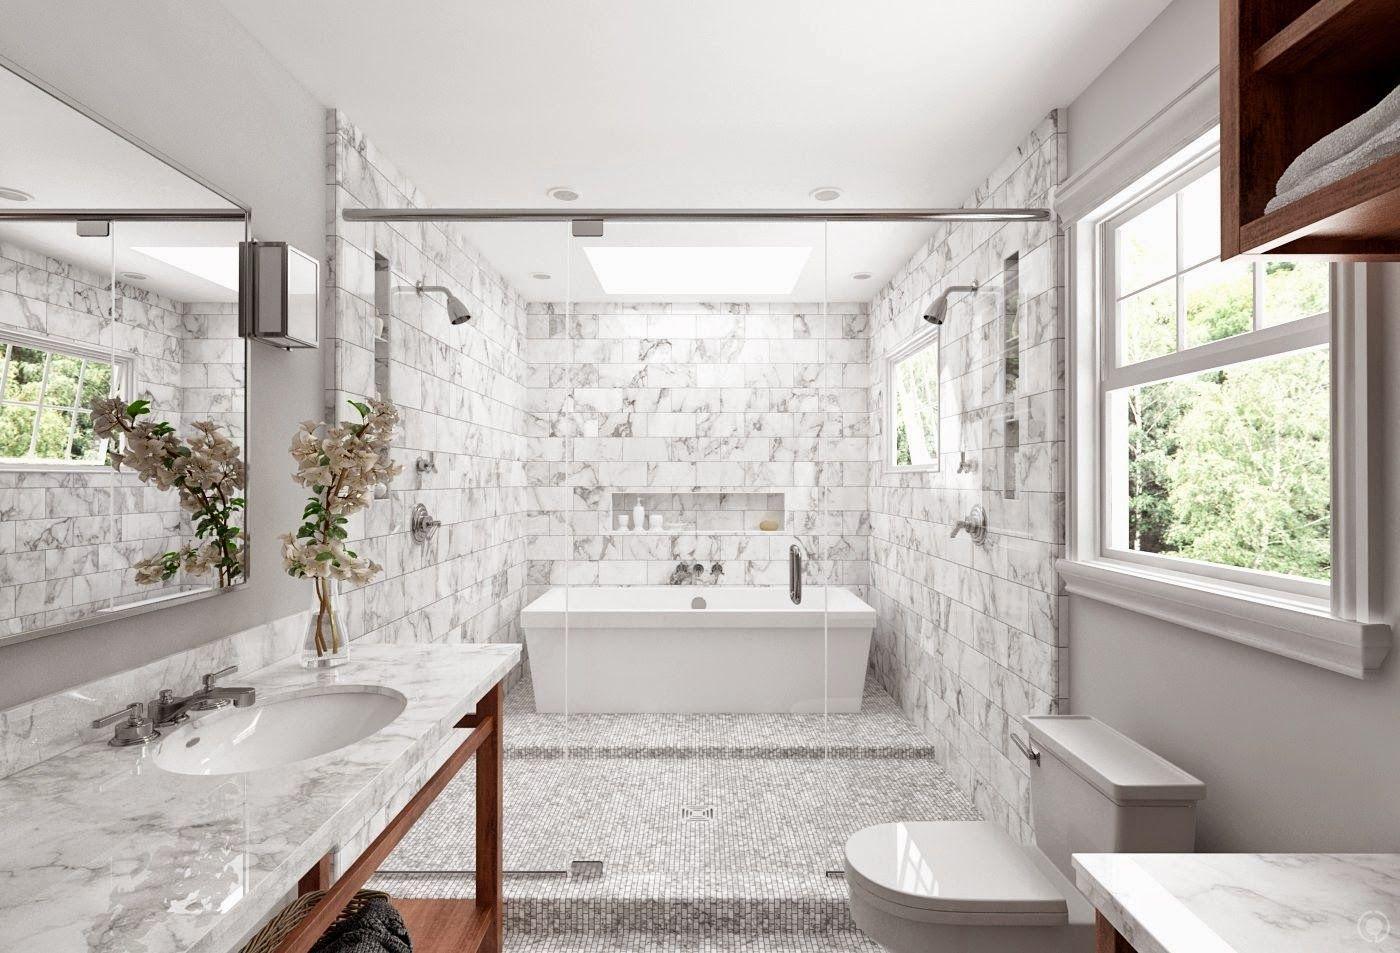 Evermotion Archinteriors 11  CG Daily News  Bathroom tile